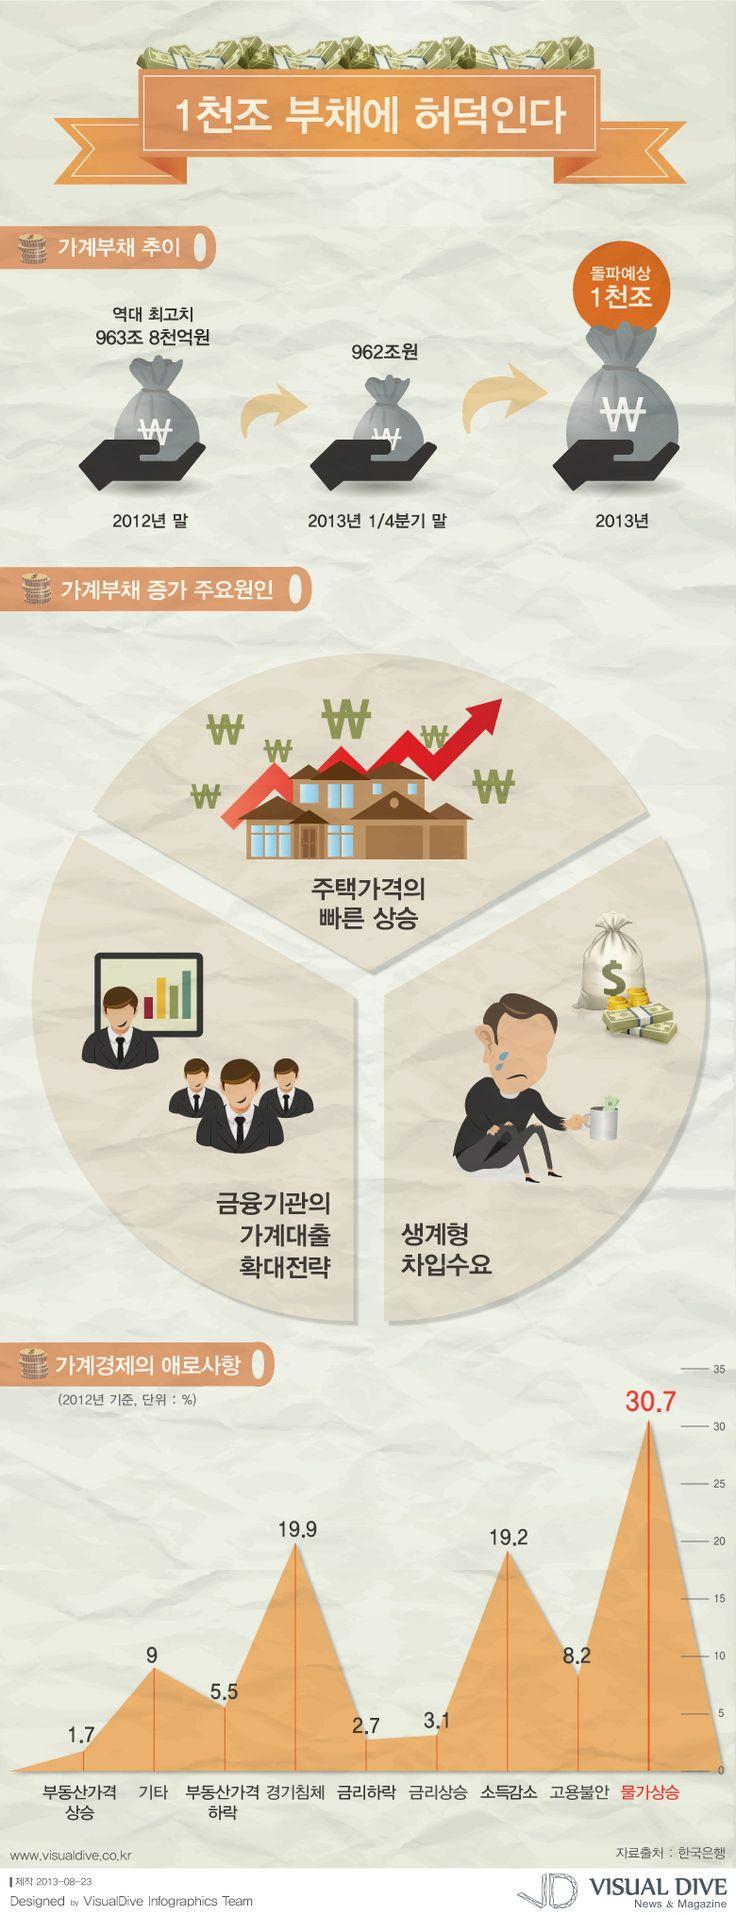 """[인포그래픽] 가계부채 1천조, '삐걱'거리는 가계경제 """"Inflation / Infographic"""" ⓒ 비주얼다이브 무단전재 및 재배포 금지"""